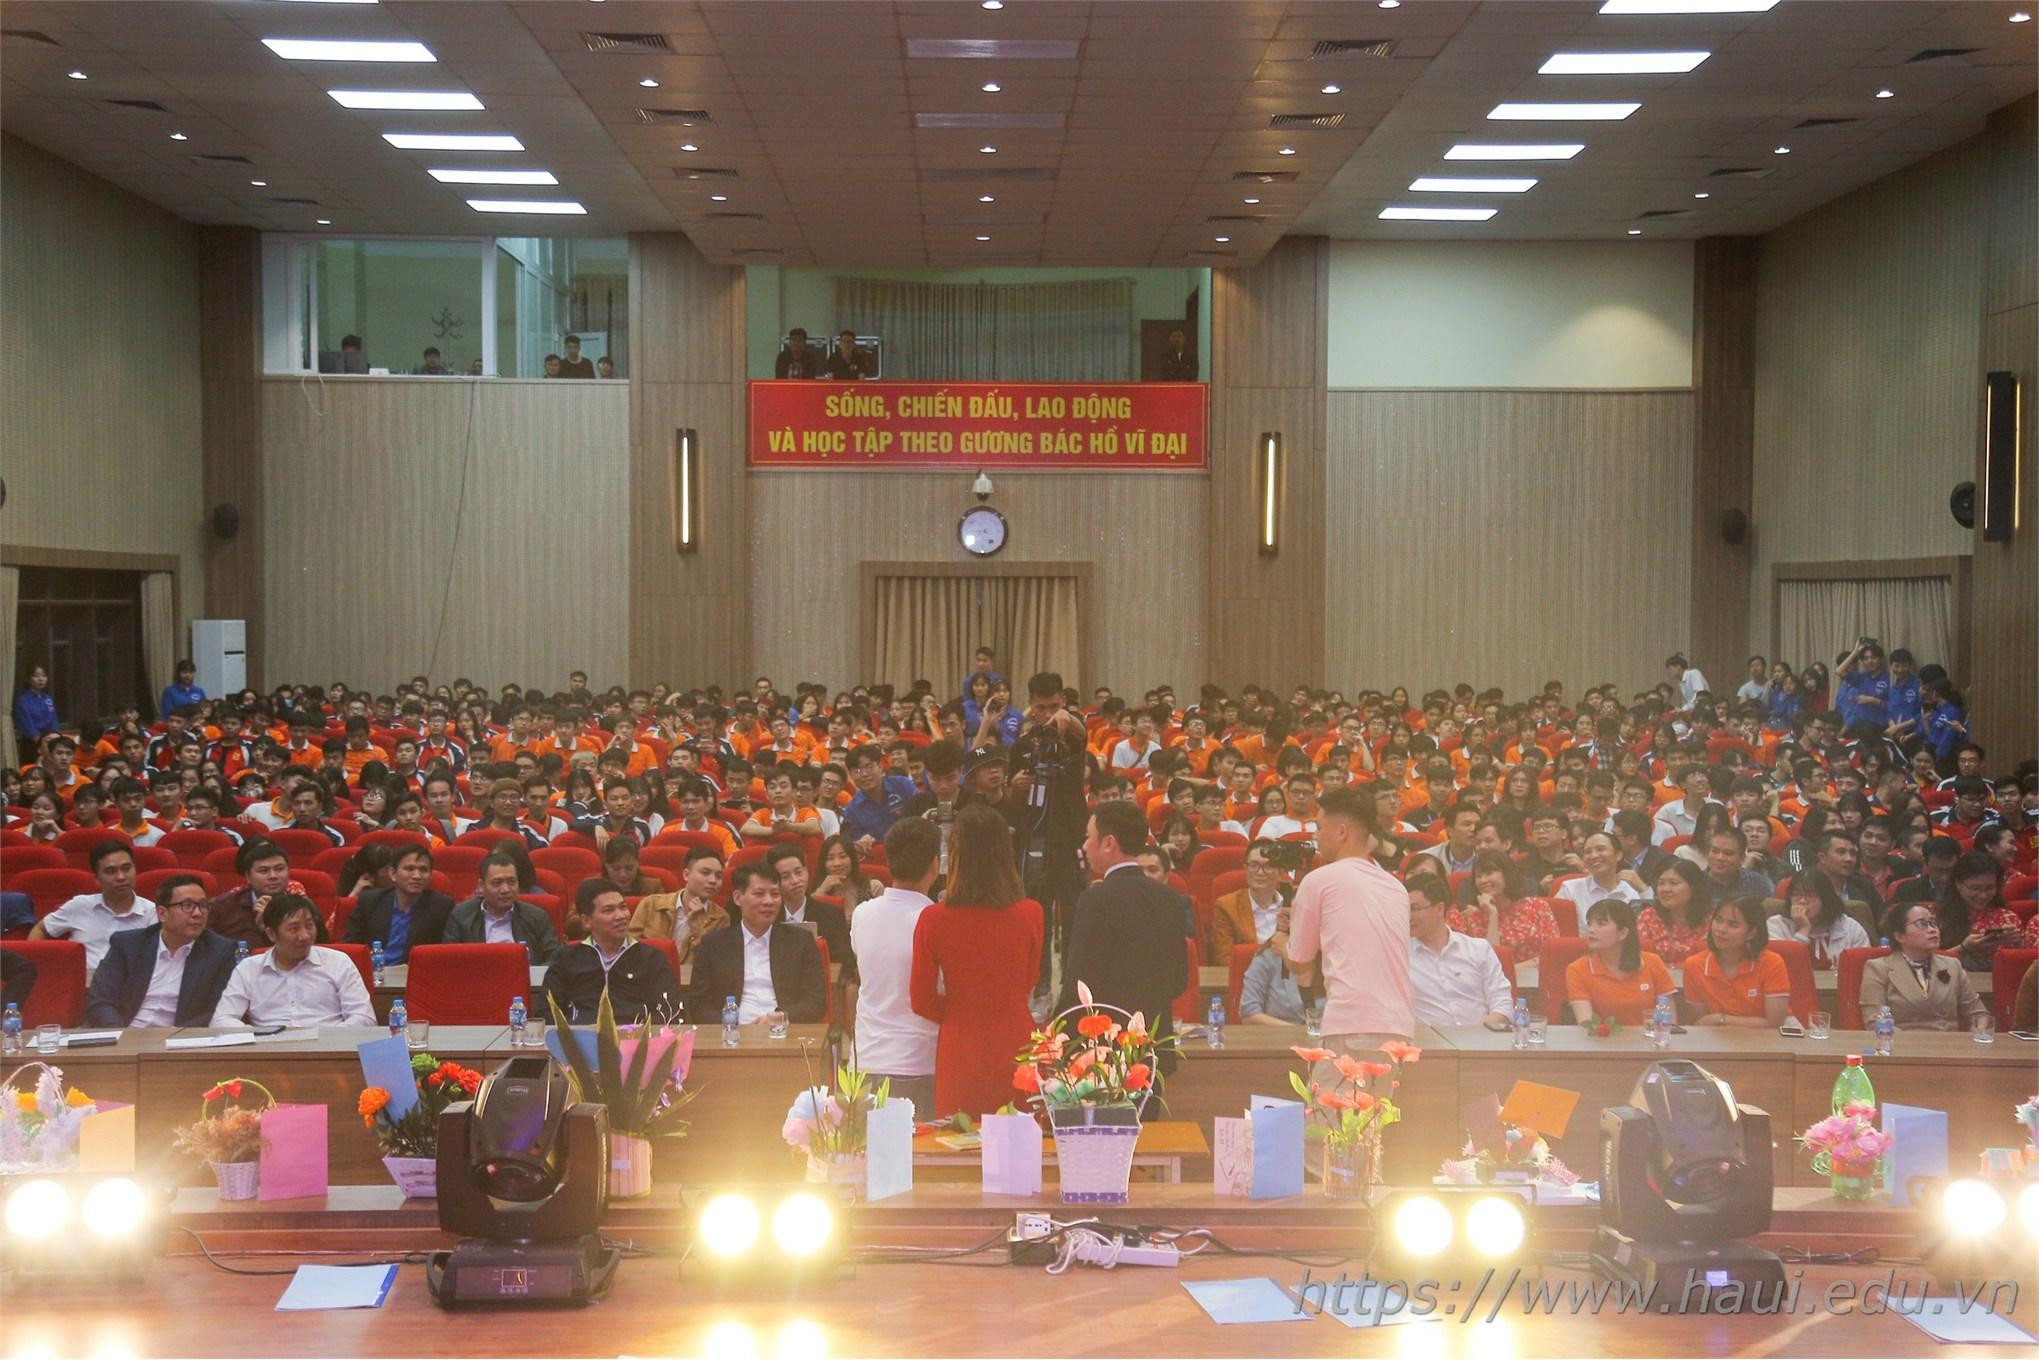 Tưng bừng Ngày hội Công nghệ Thông tin - IT Festival 2020 chào mừng ngày Nhà giáo Việt Nam